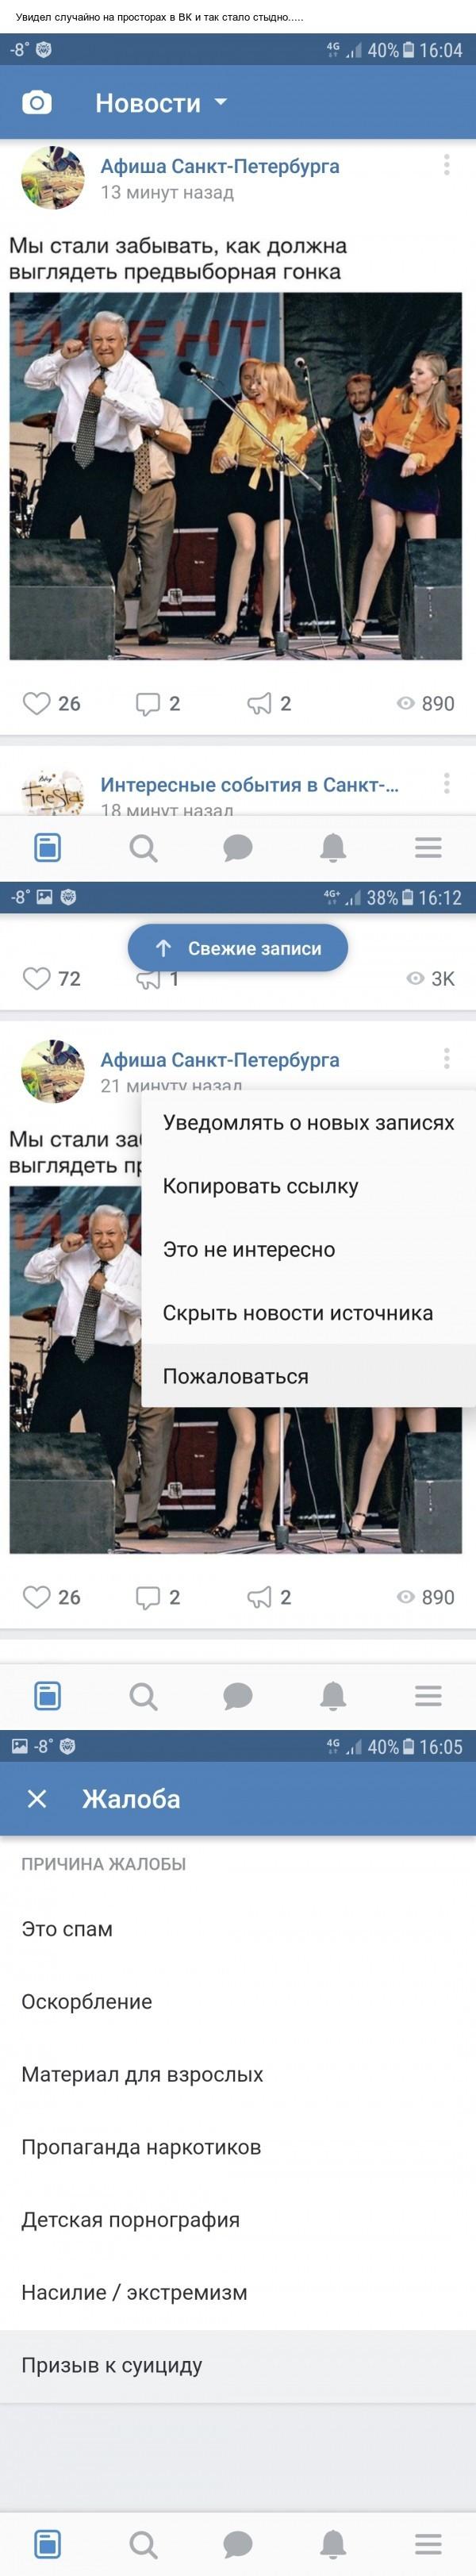 Предвыборная гонка. Выборы, Шутка, Скриншот, Длиннопост, Политика, ВКонтакте, Юмор